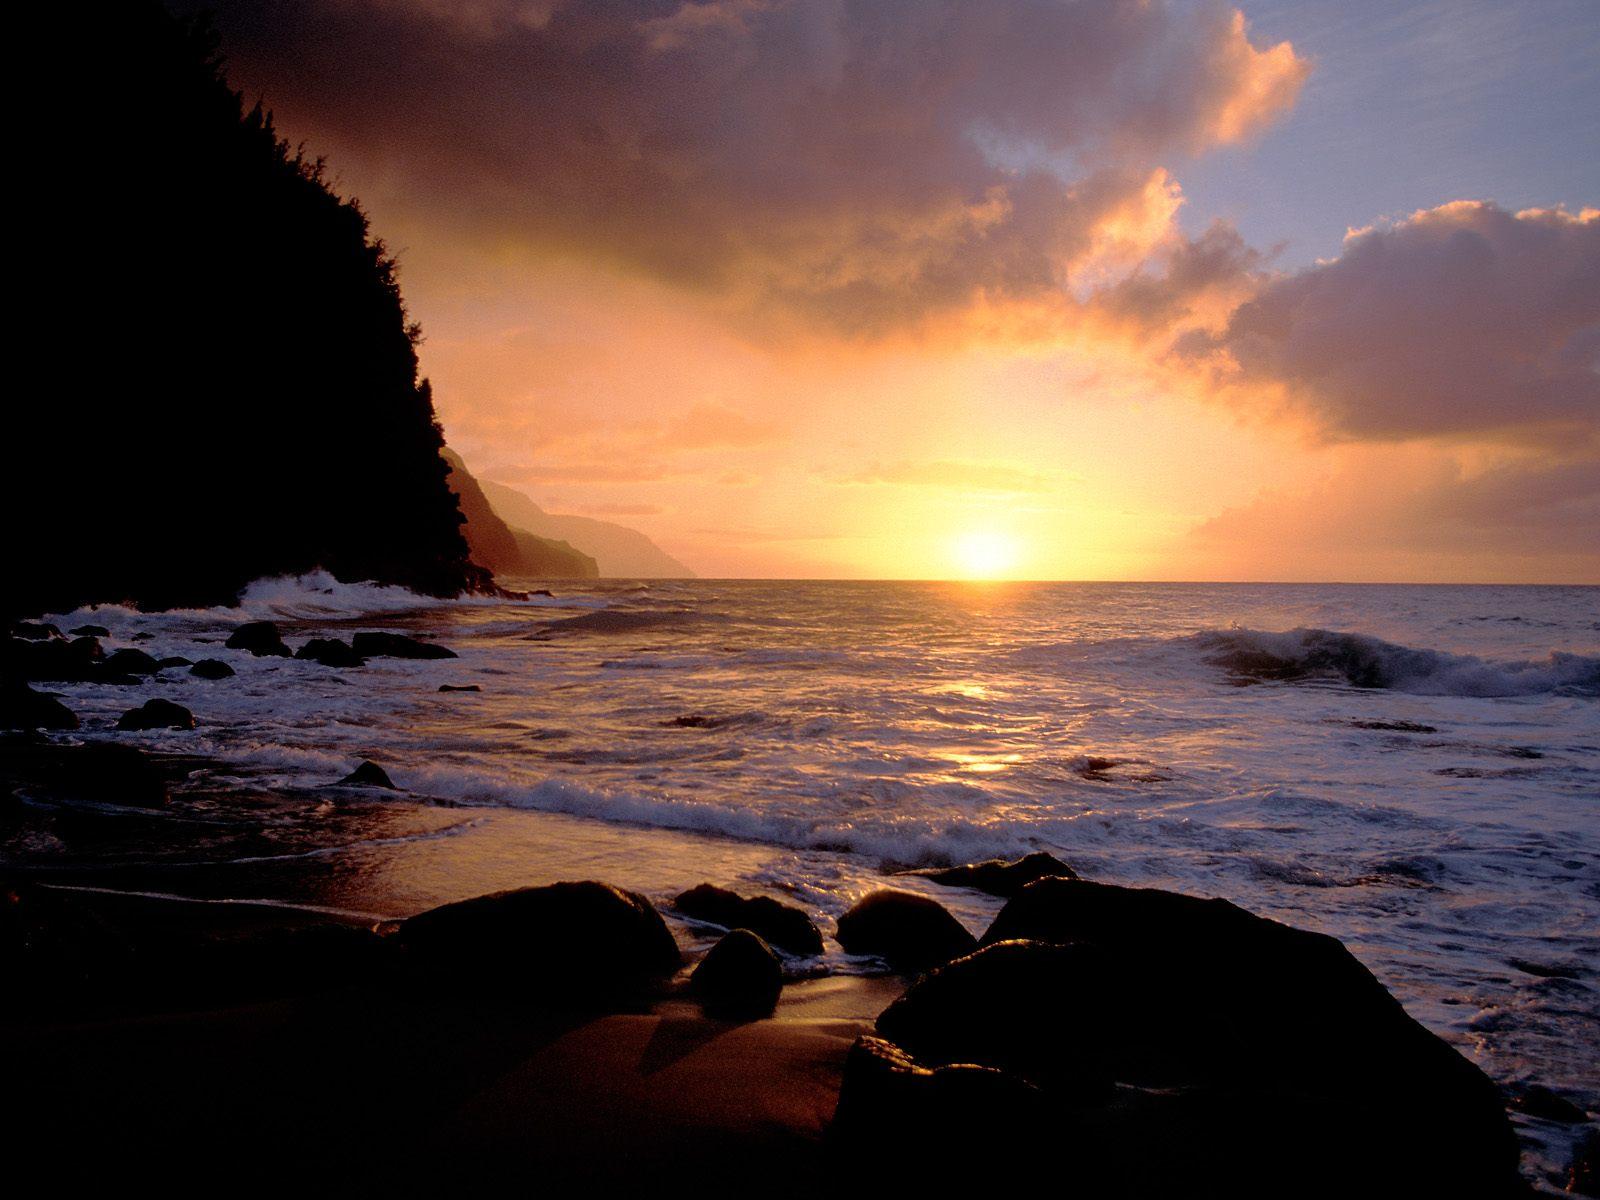 http://2.bp.blogspot.com/-VqzWk3UDMnA/UOQ53v7P2TI/AAAAAAAAEuQ/d9IDQ_GWET8/s1600/Sunset+on+the+Na+Pali+Coast,+Hawaii+-+1600x1200+.jpg